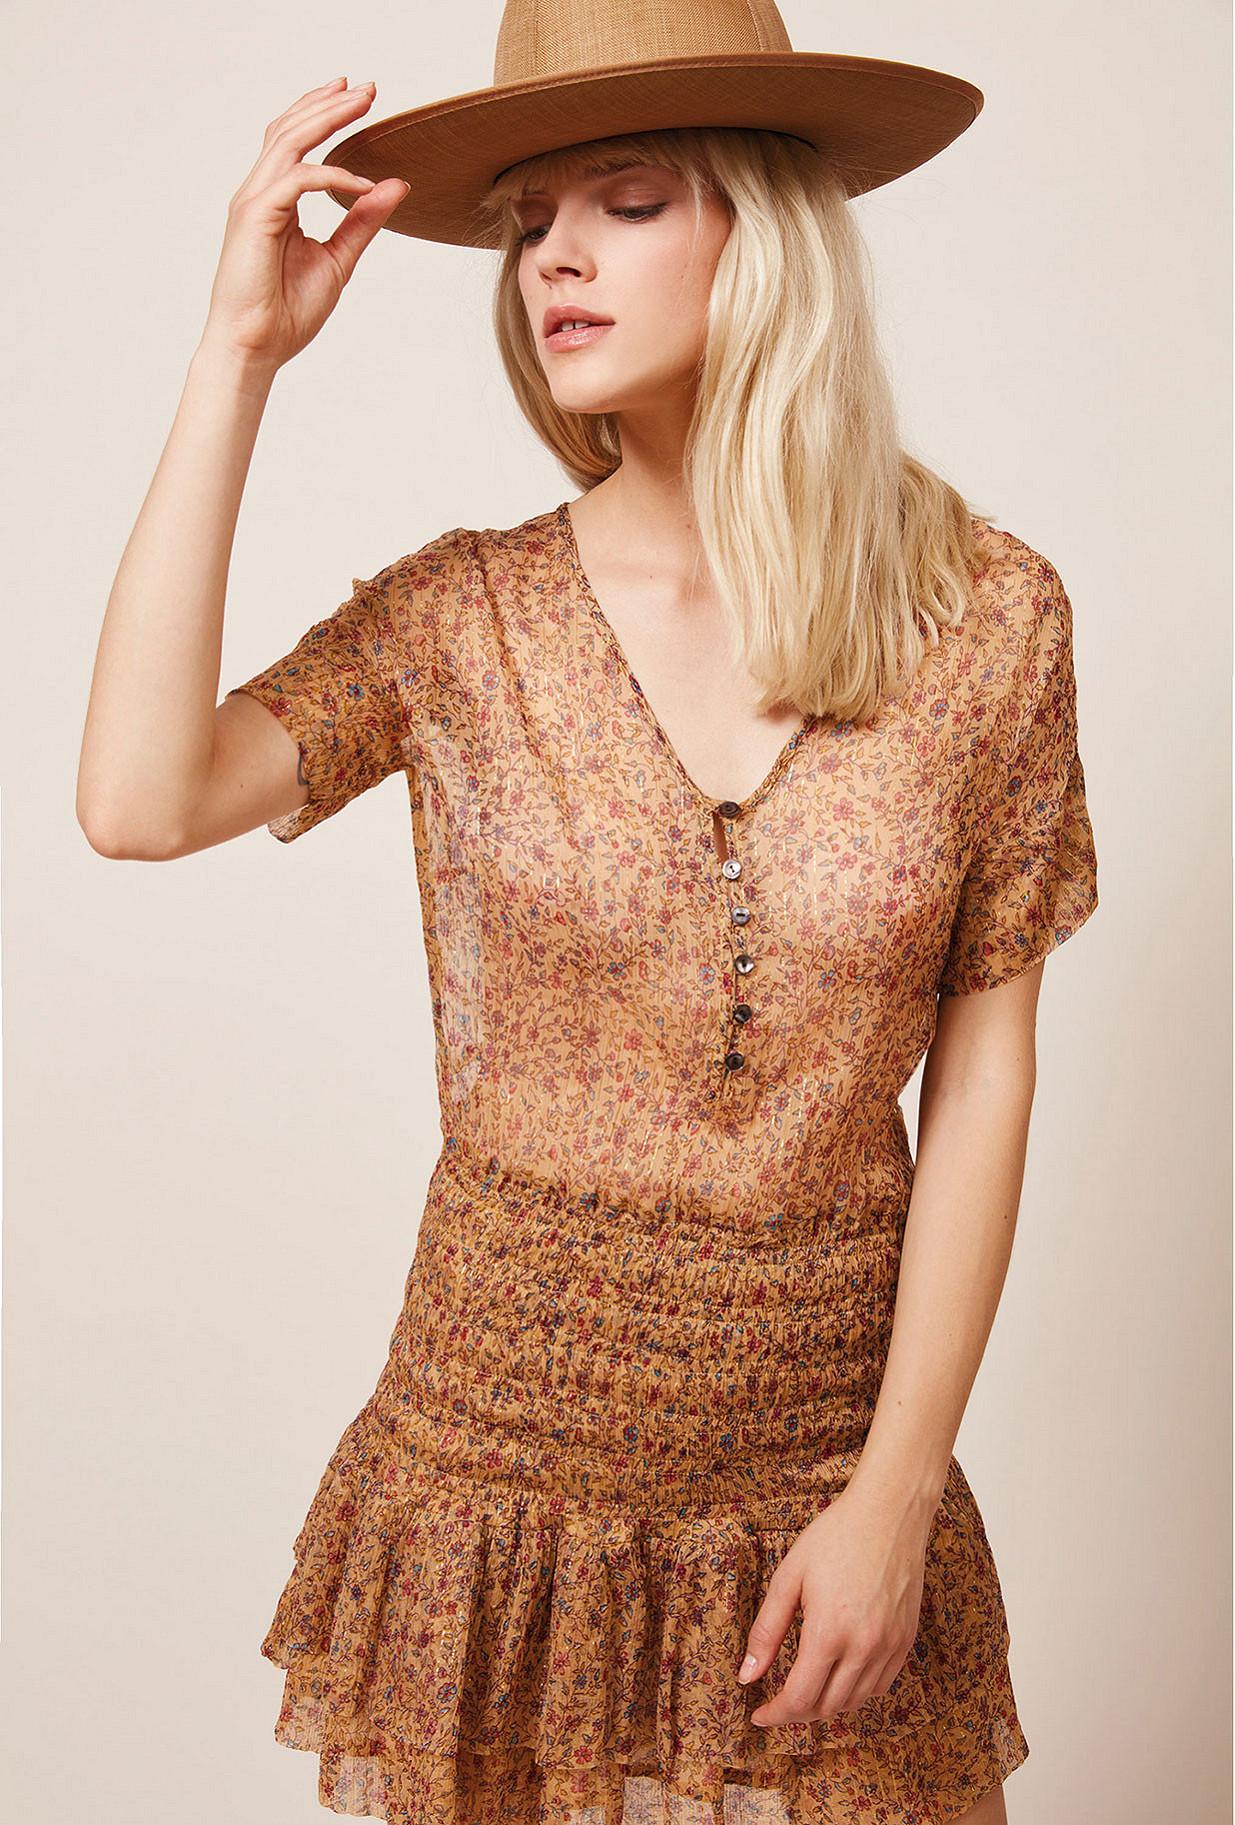 Paris boutique de mode vêtement Robe créateur bohème  Ambroisie